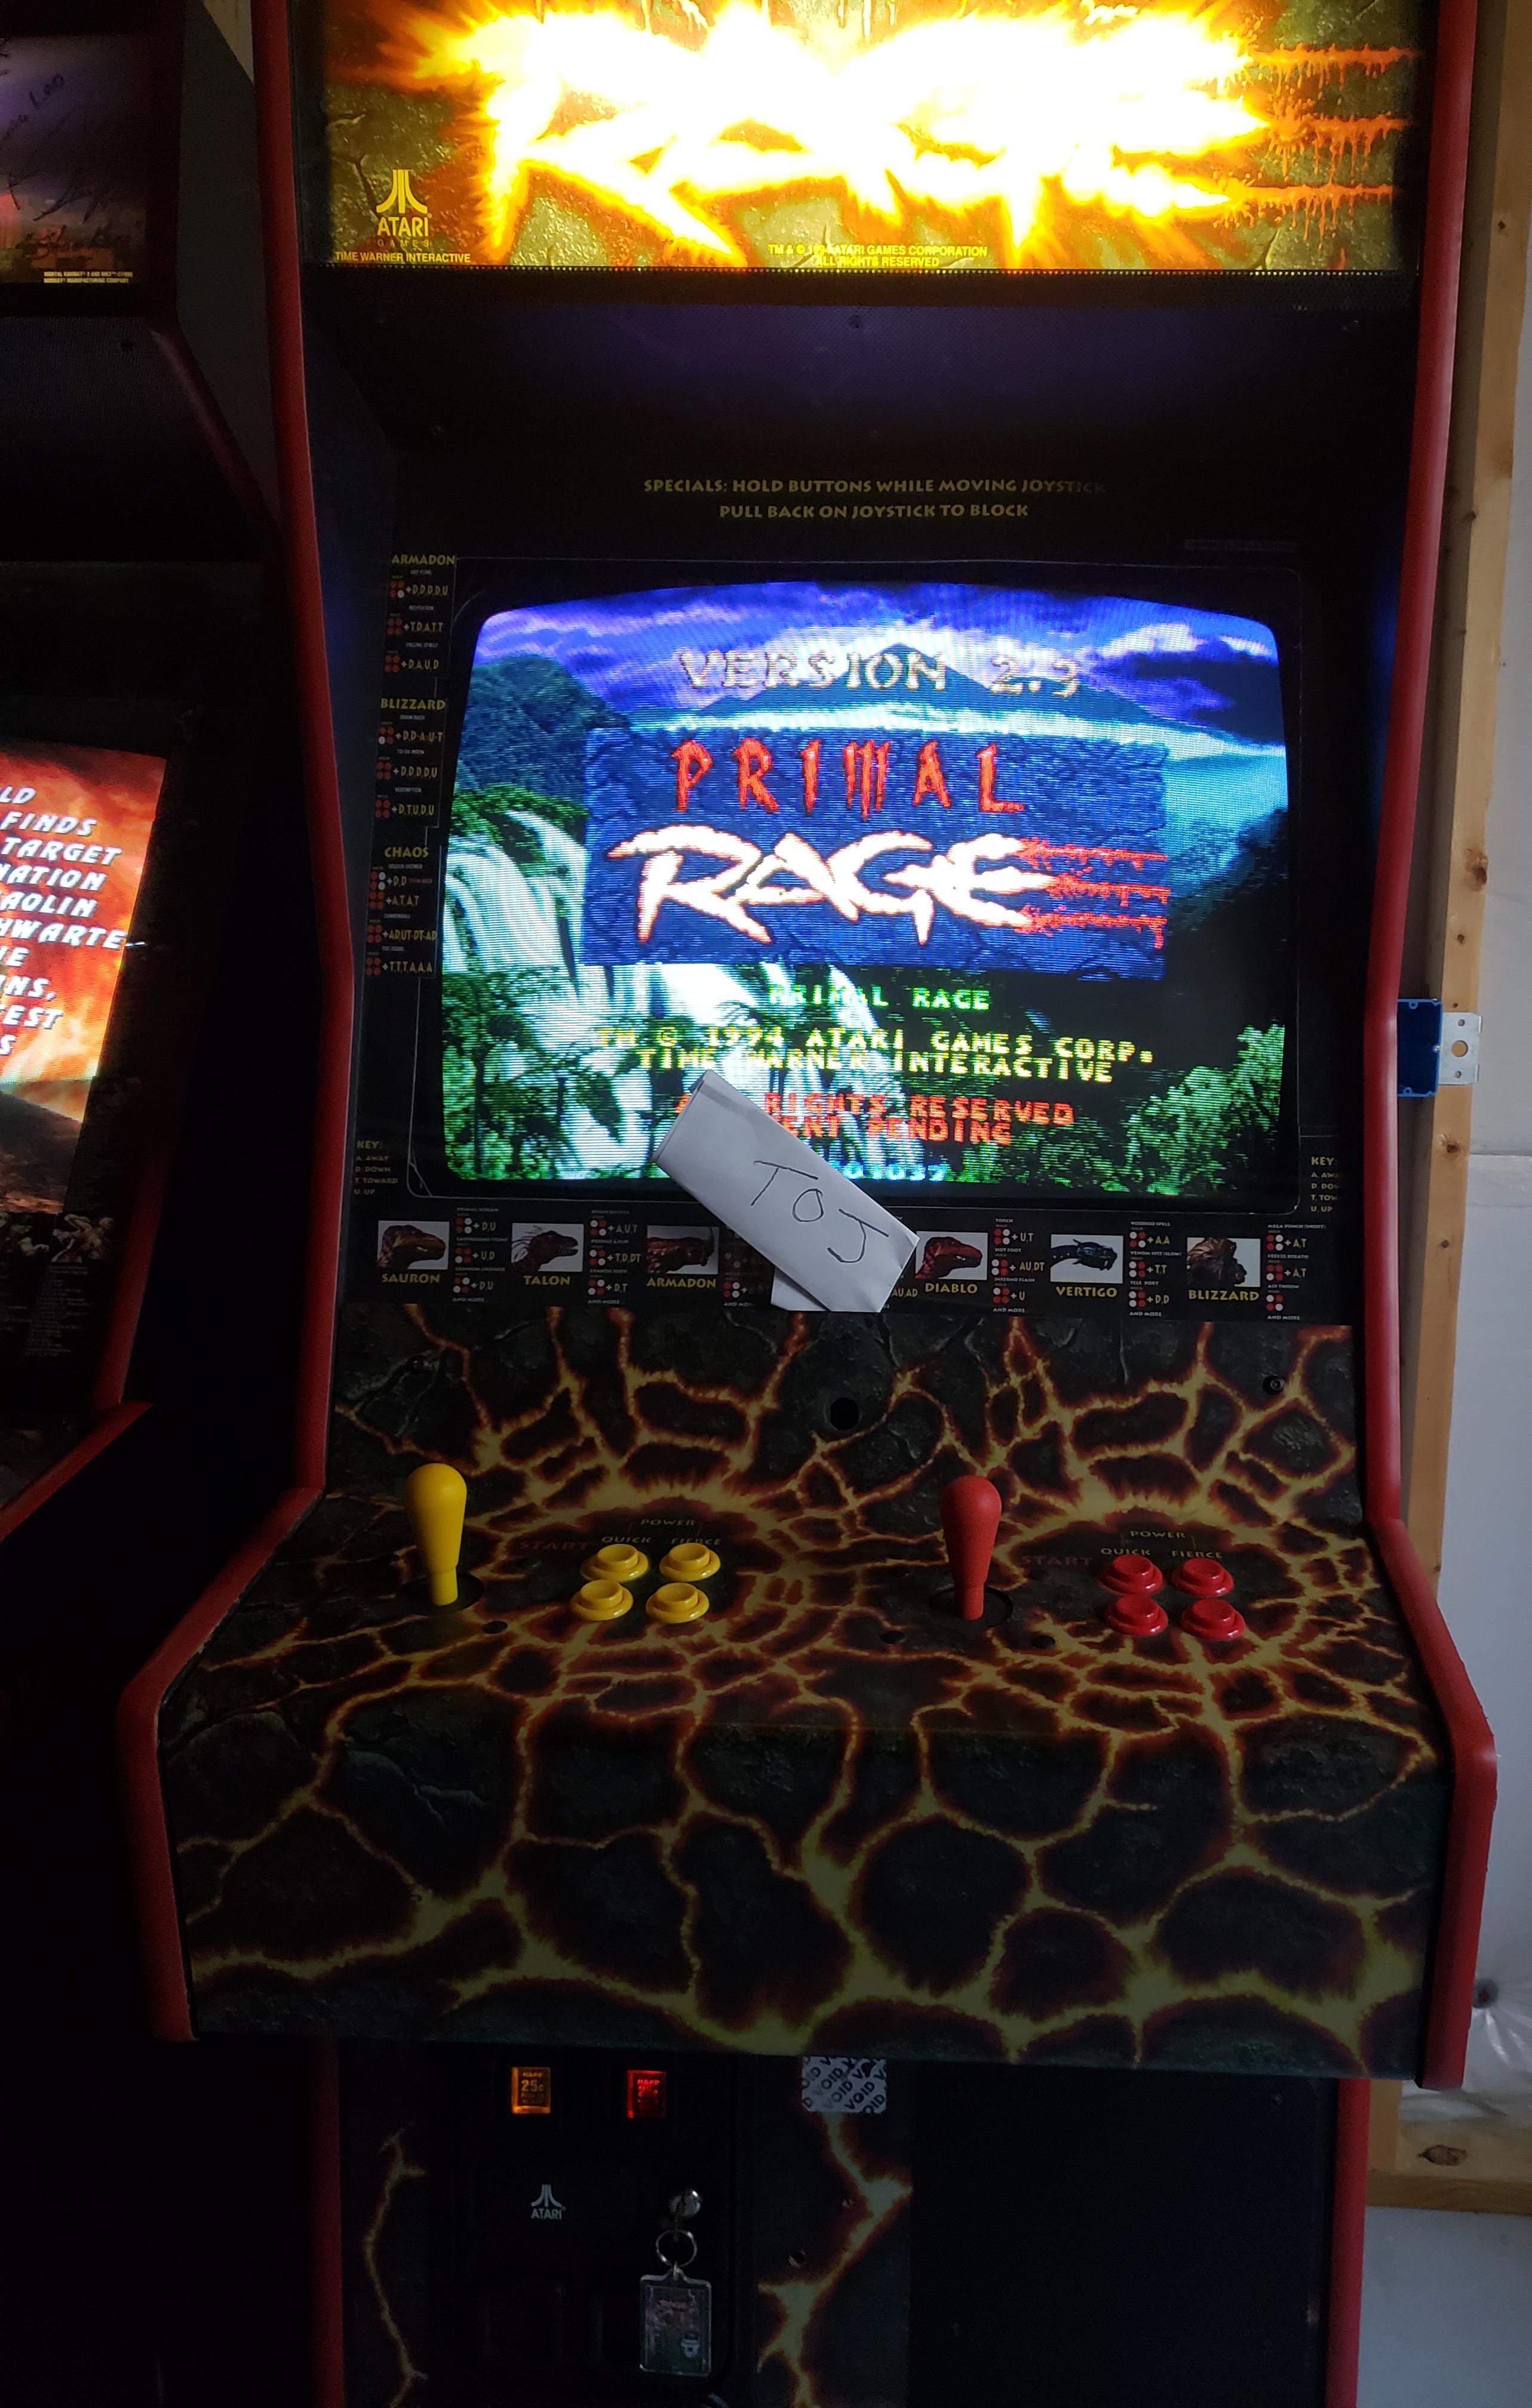 Stryker: Primal Rage (Arcade) 6,215,900 points on 2018-12-07 13:29:00